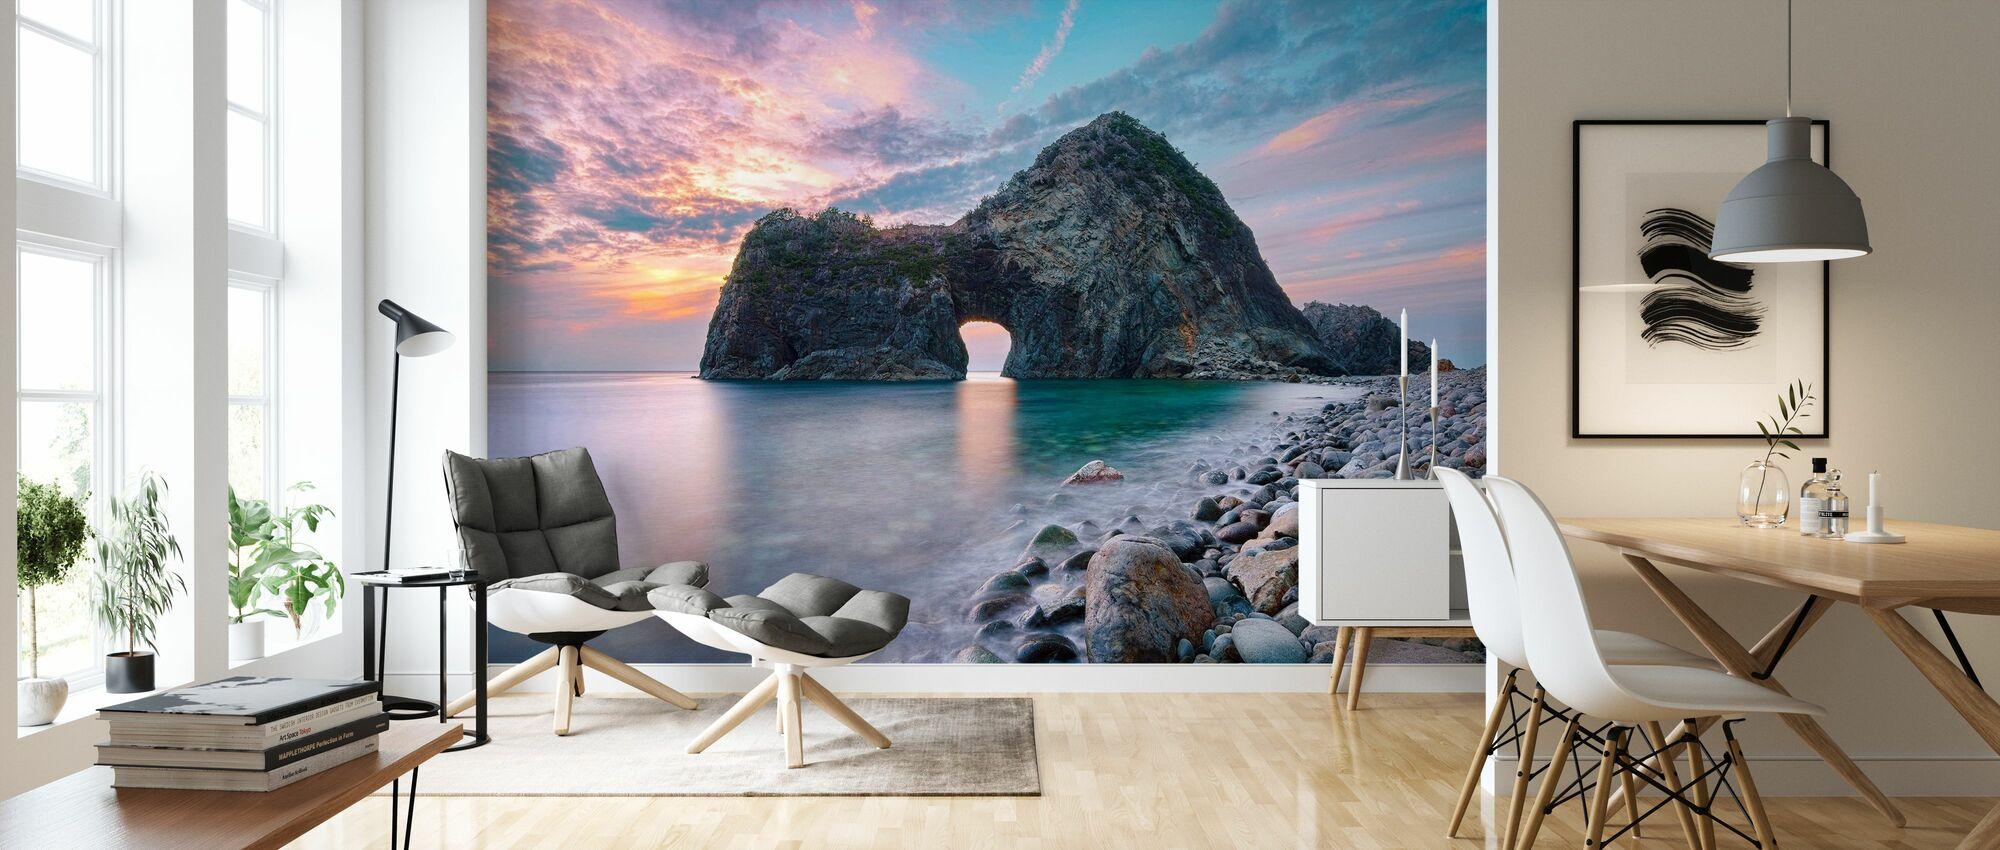 Rock Gate Senganmon - Wallpaper - Living Room